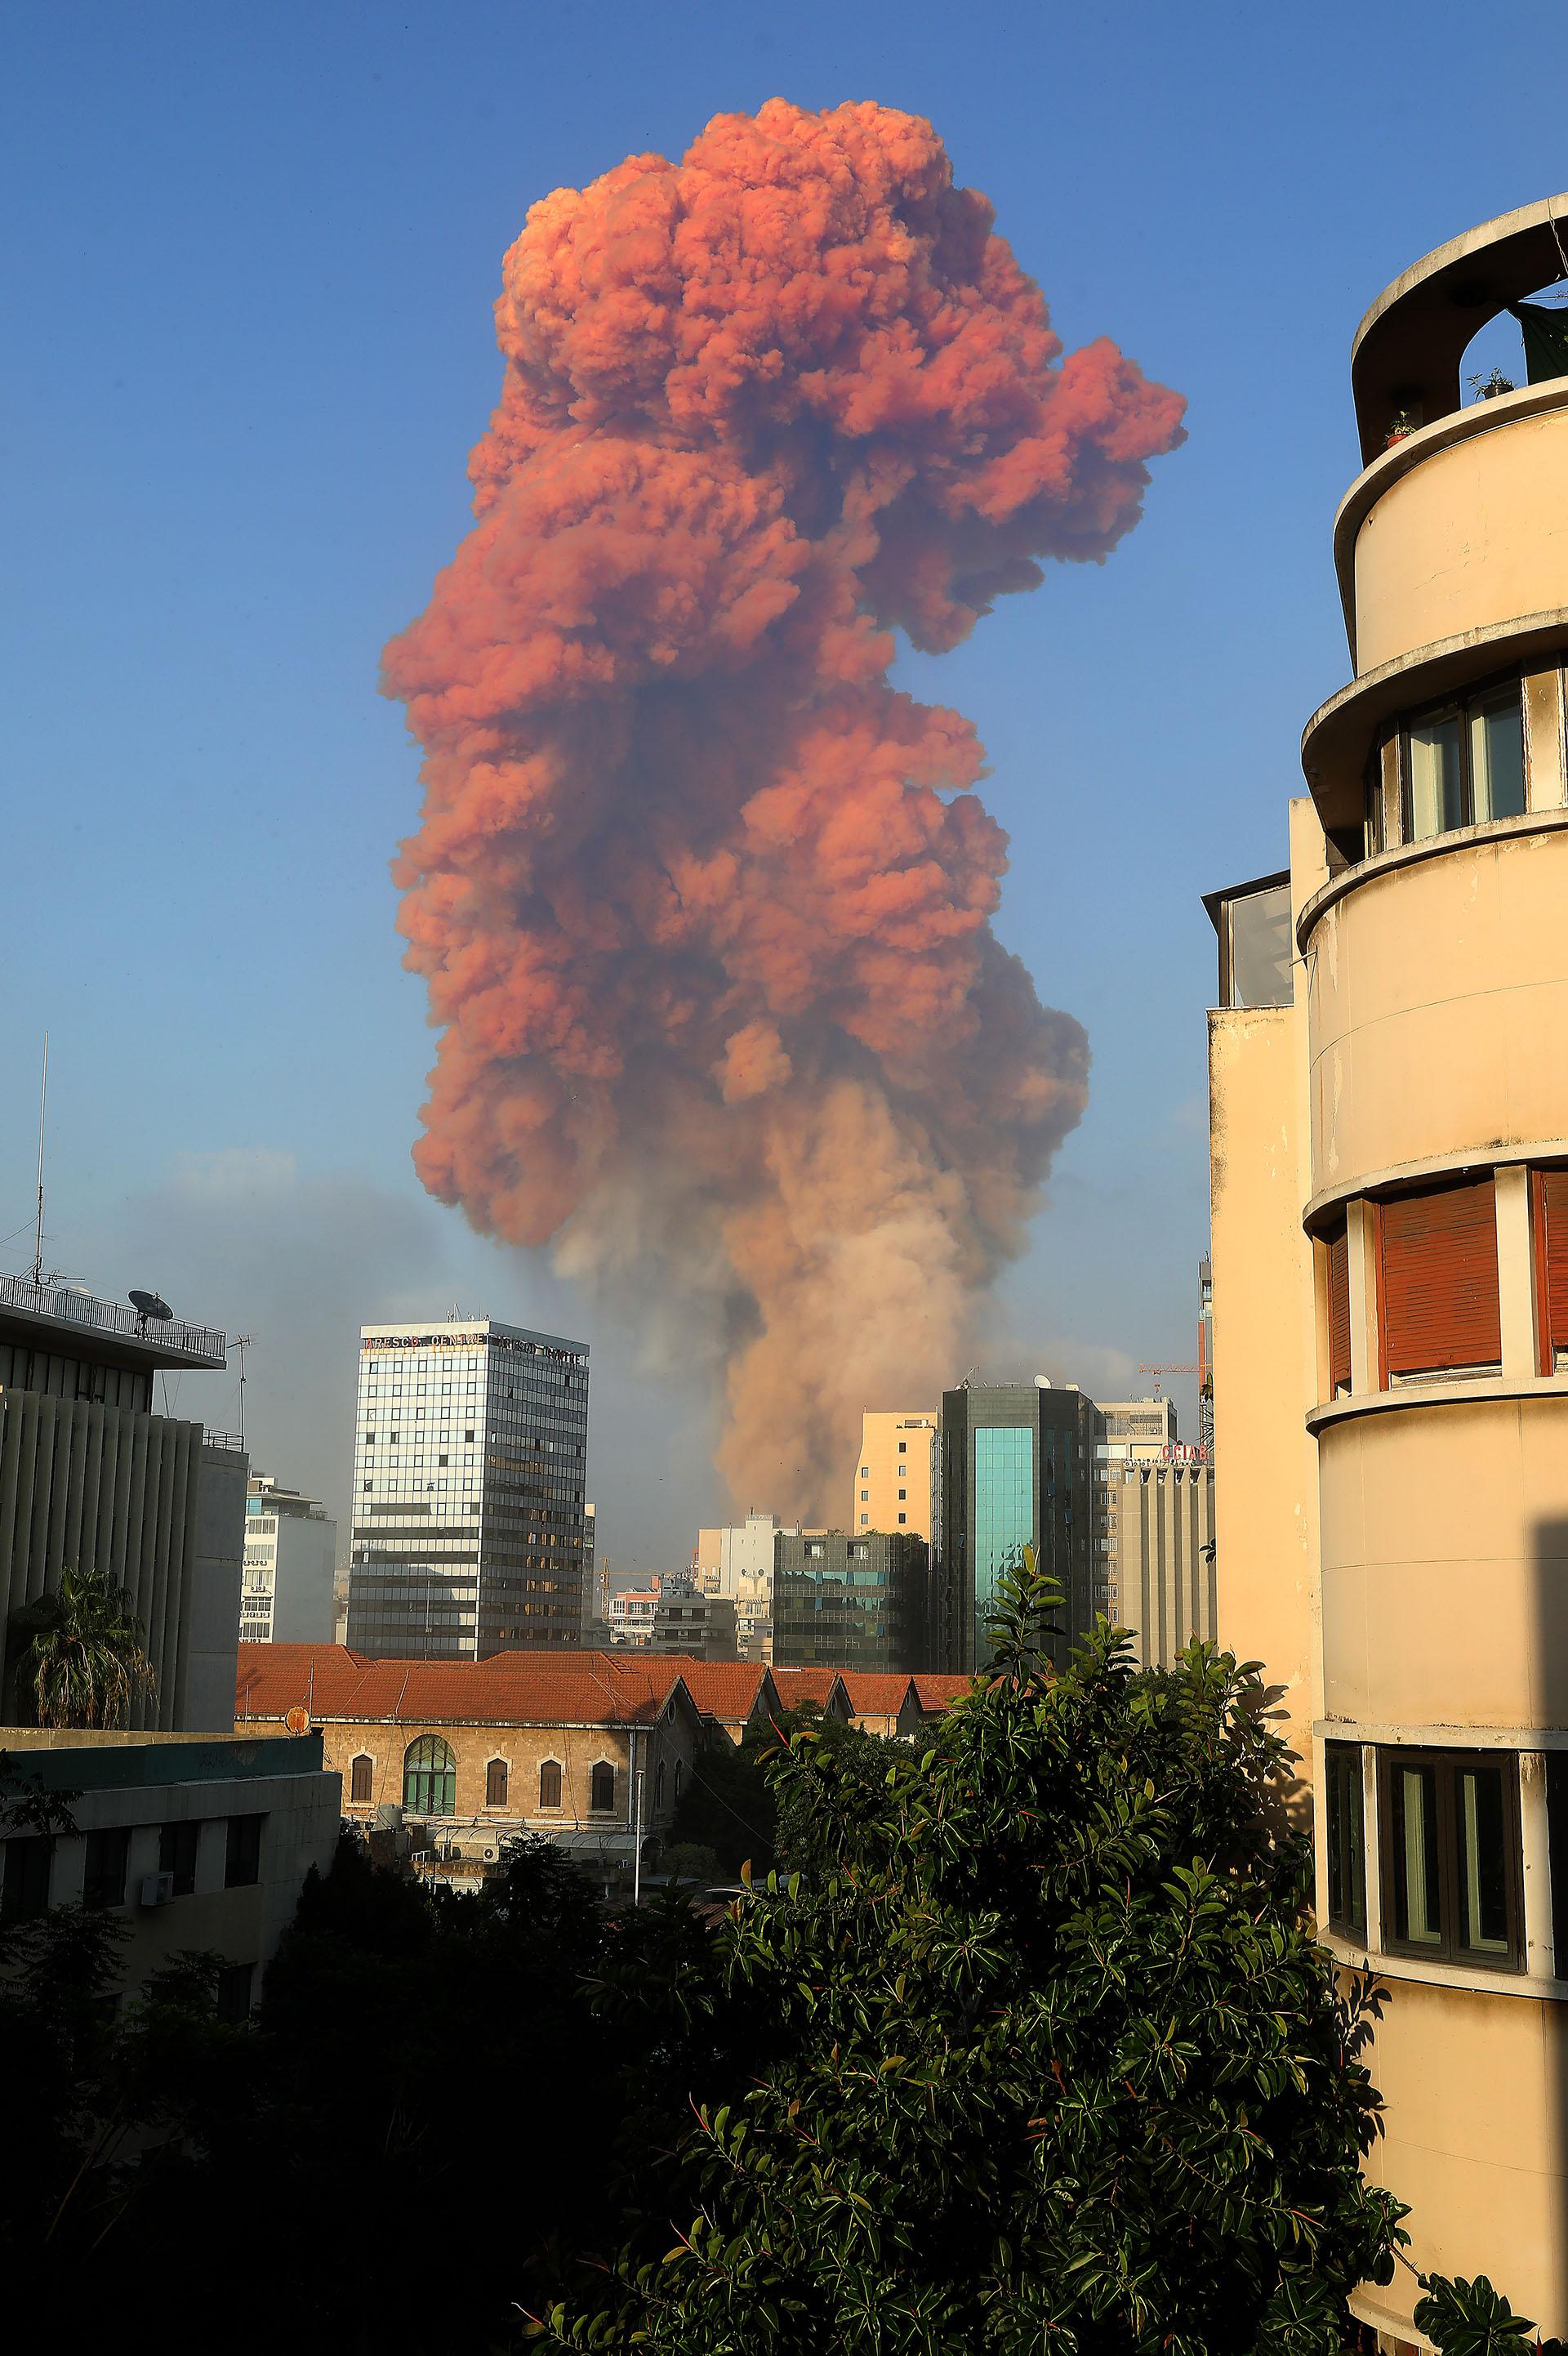 Residentes reportaron ventanas rotas y la caída de techos precarios, incluso en barrios alejados del lugar (AFP)